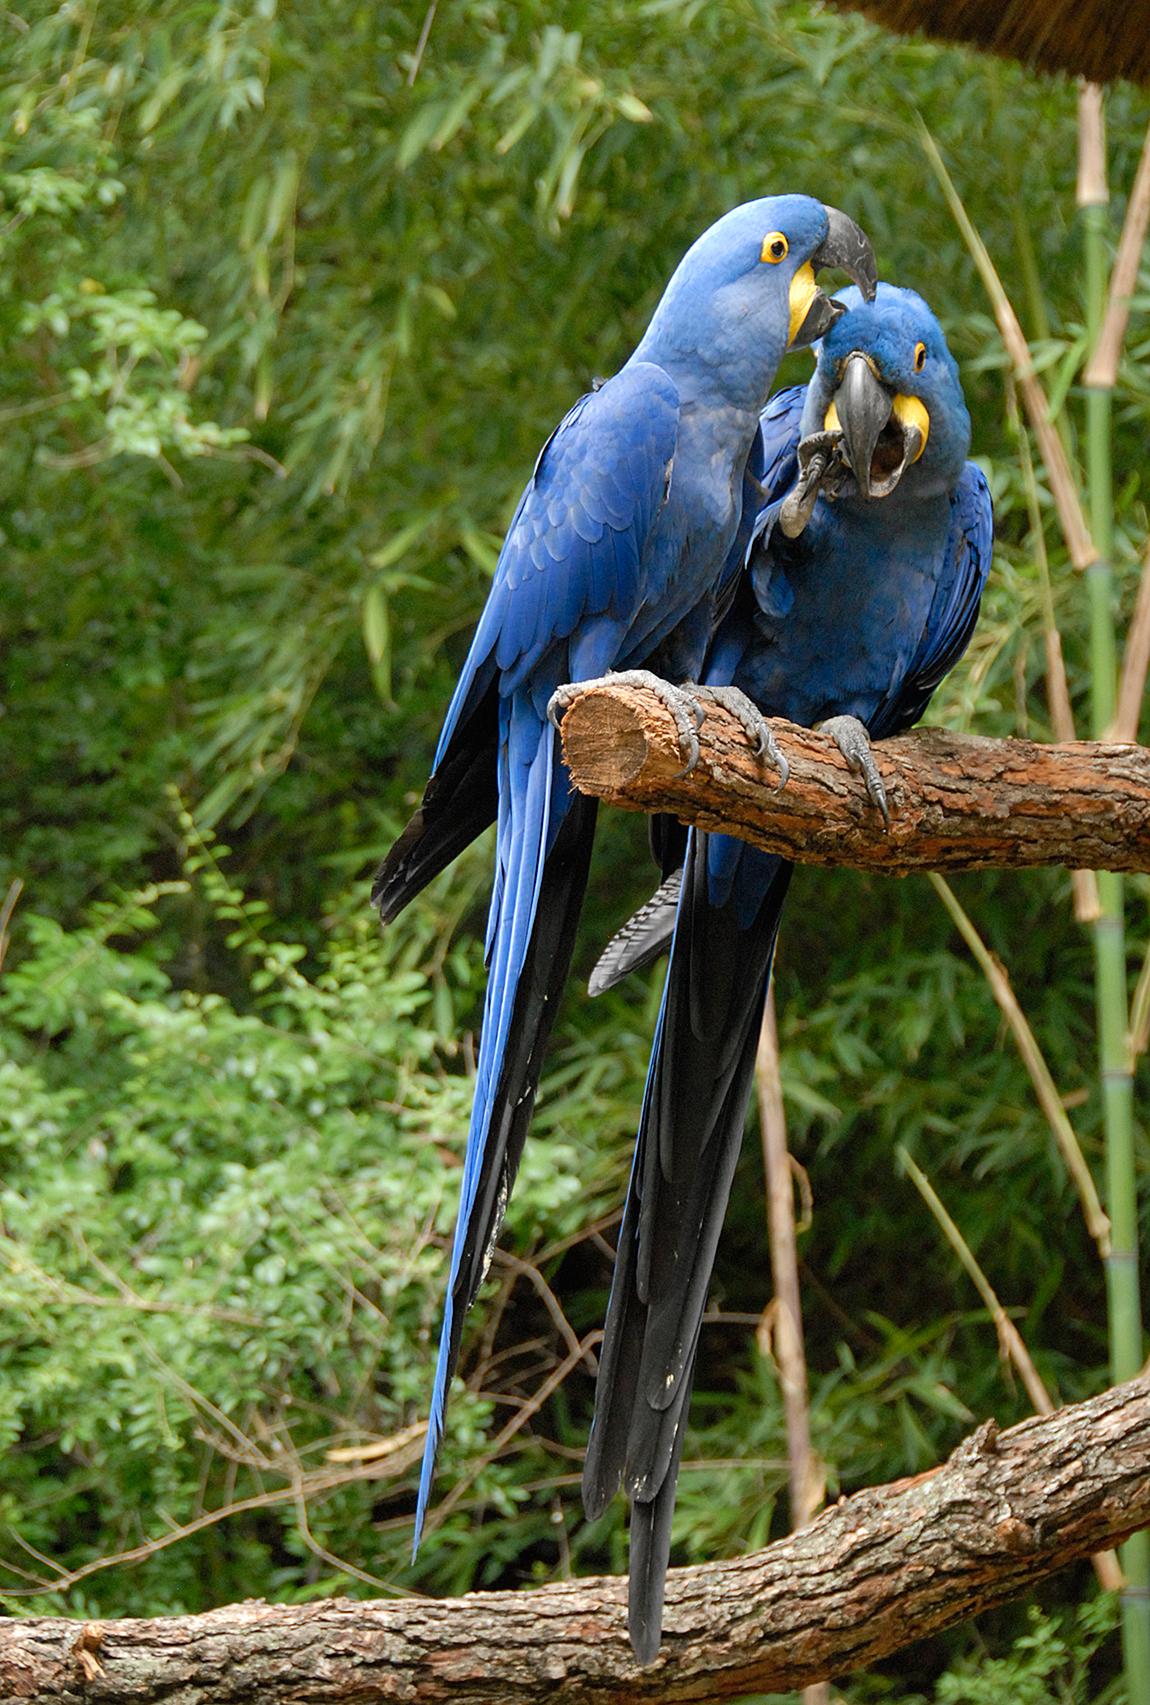 Free Flying Hyacinth Macaws | Dusty - 2134.6KB